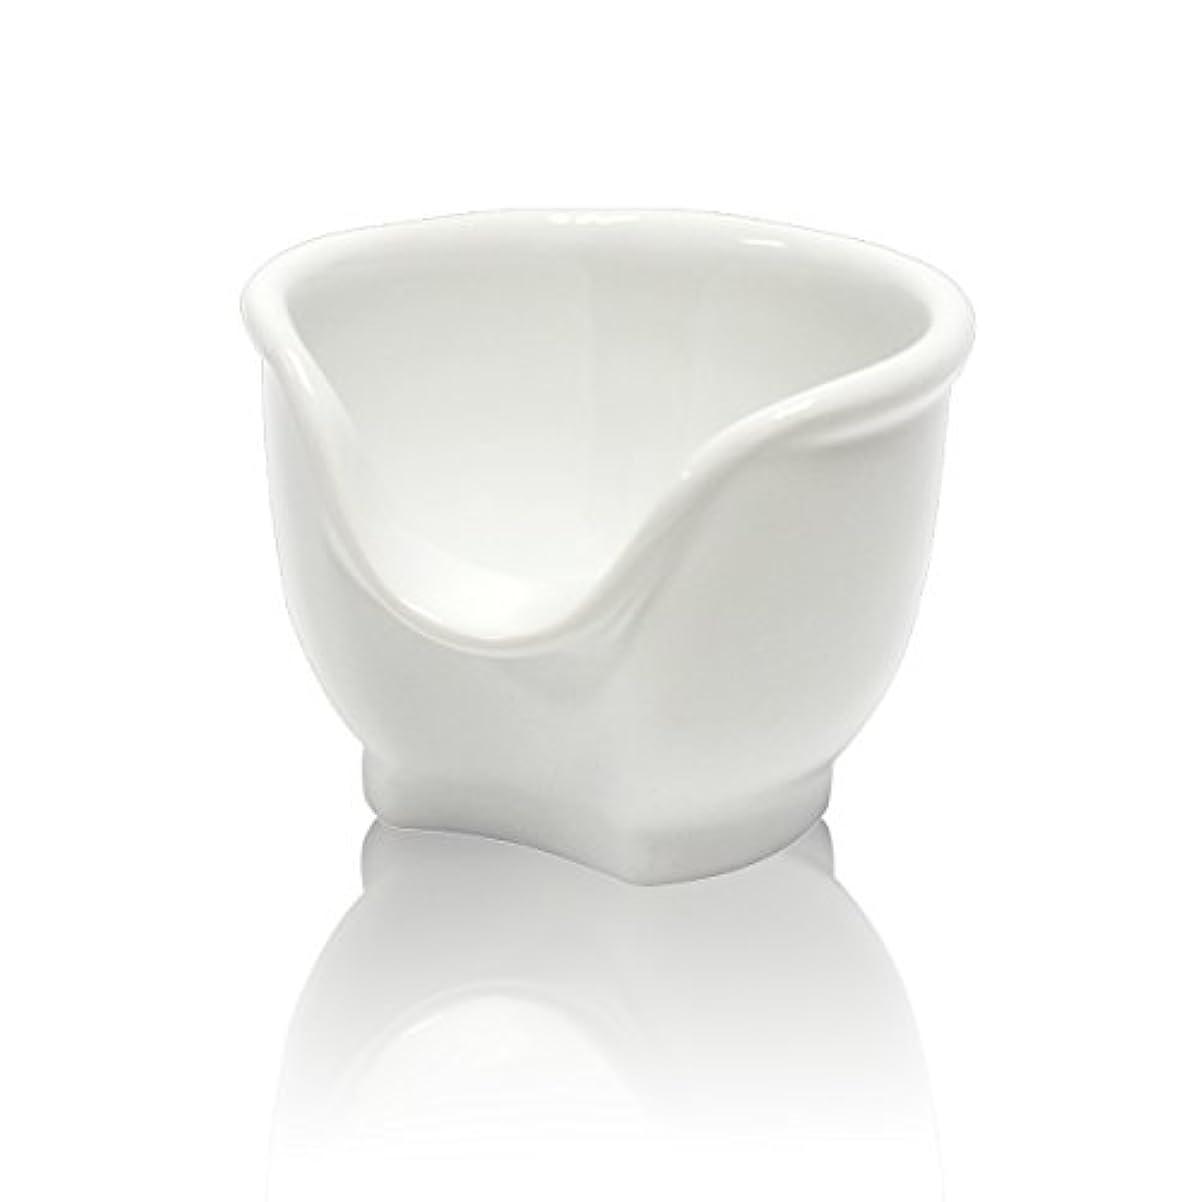 仲介者求人ブラジャーSignstek 磁器製シェービングカップ シェービングボウル 髭剃り石鹸カップ ホワイト